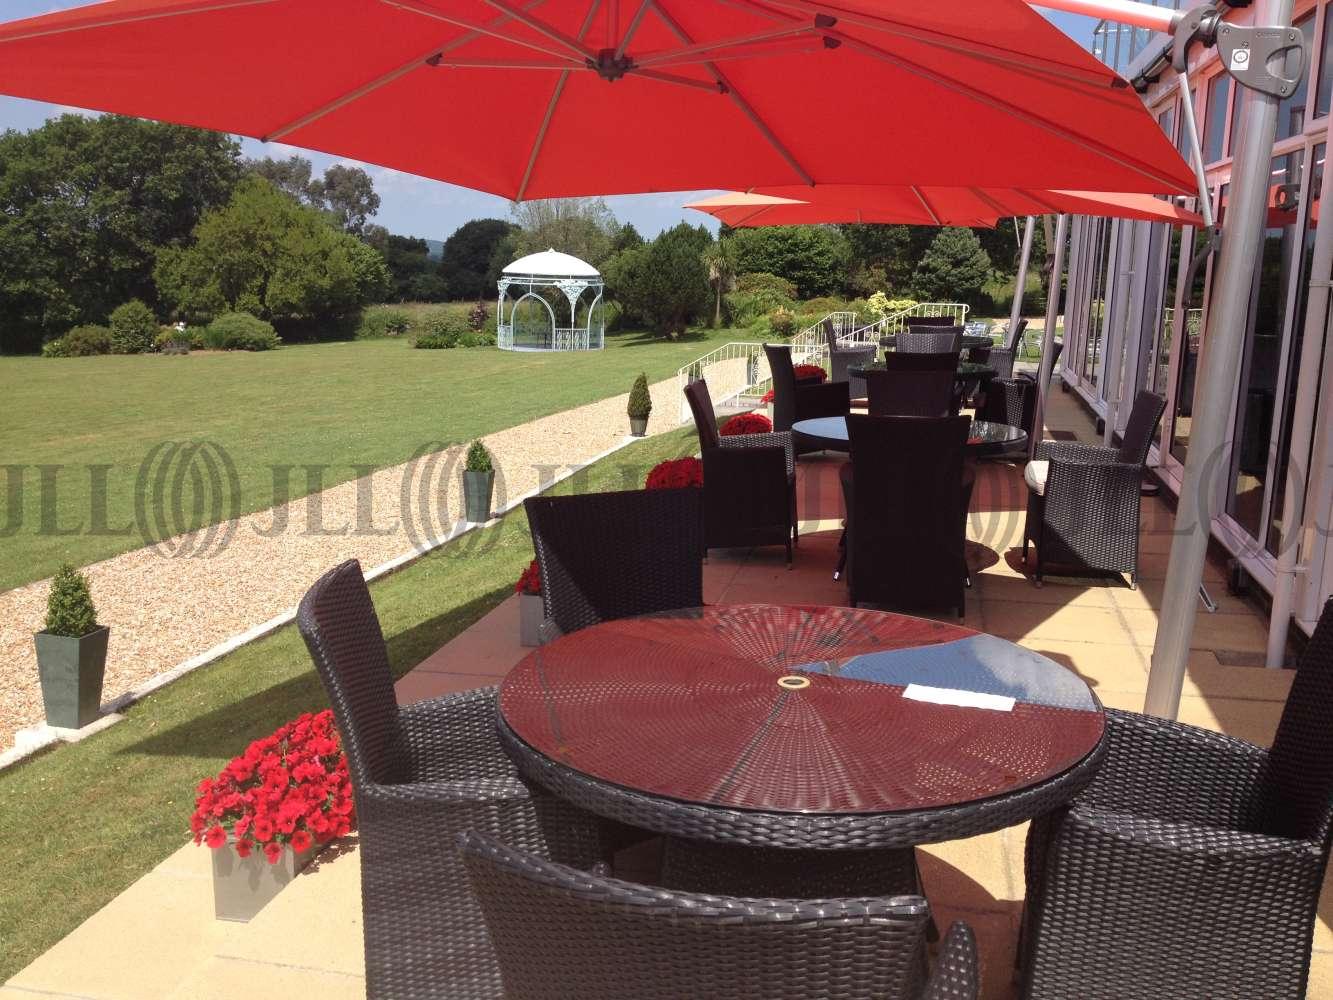 Hotel Yelverton, PL20 6DA - Moorland Garden Hotel - 50541